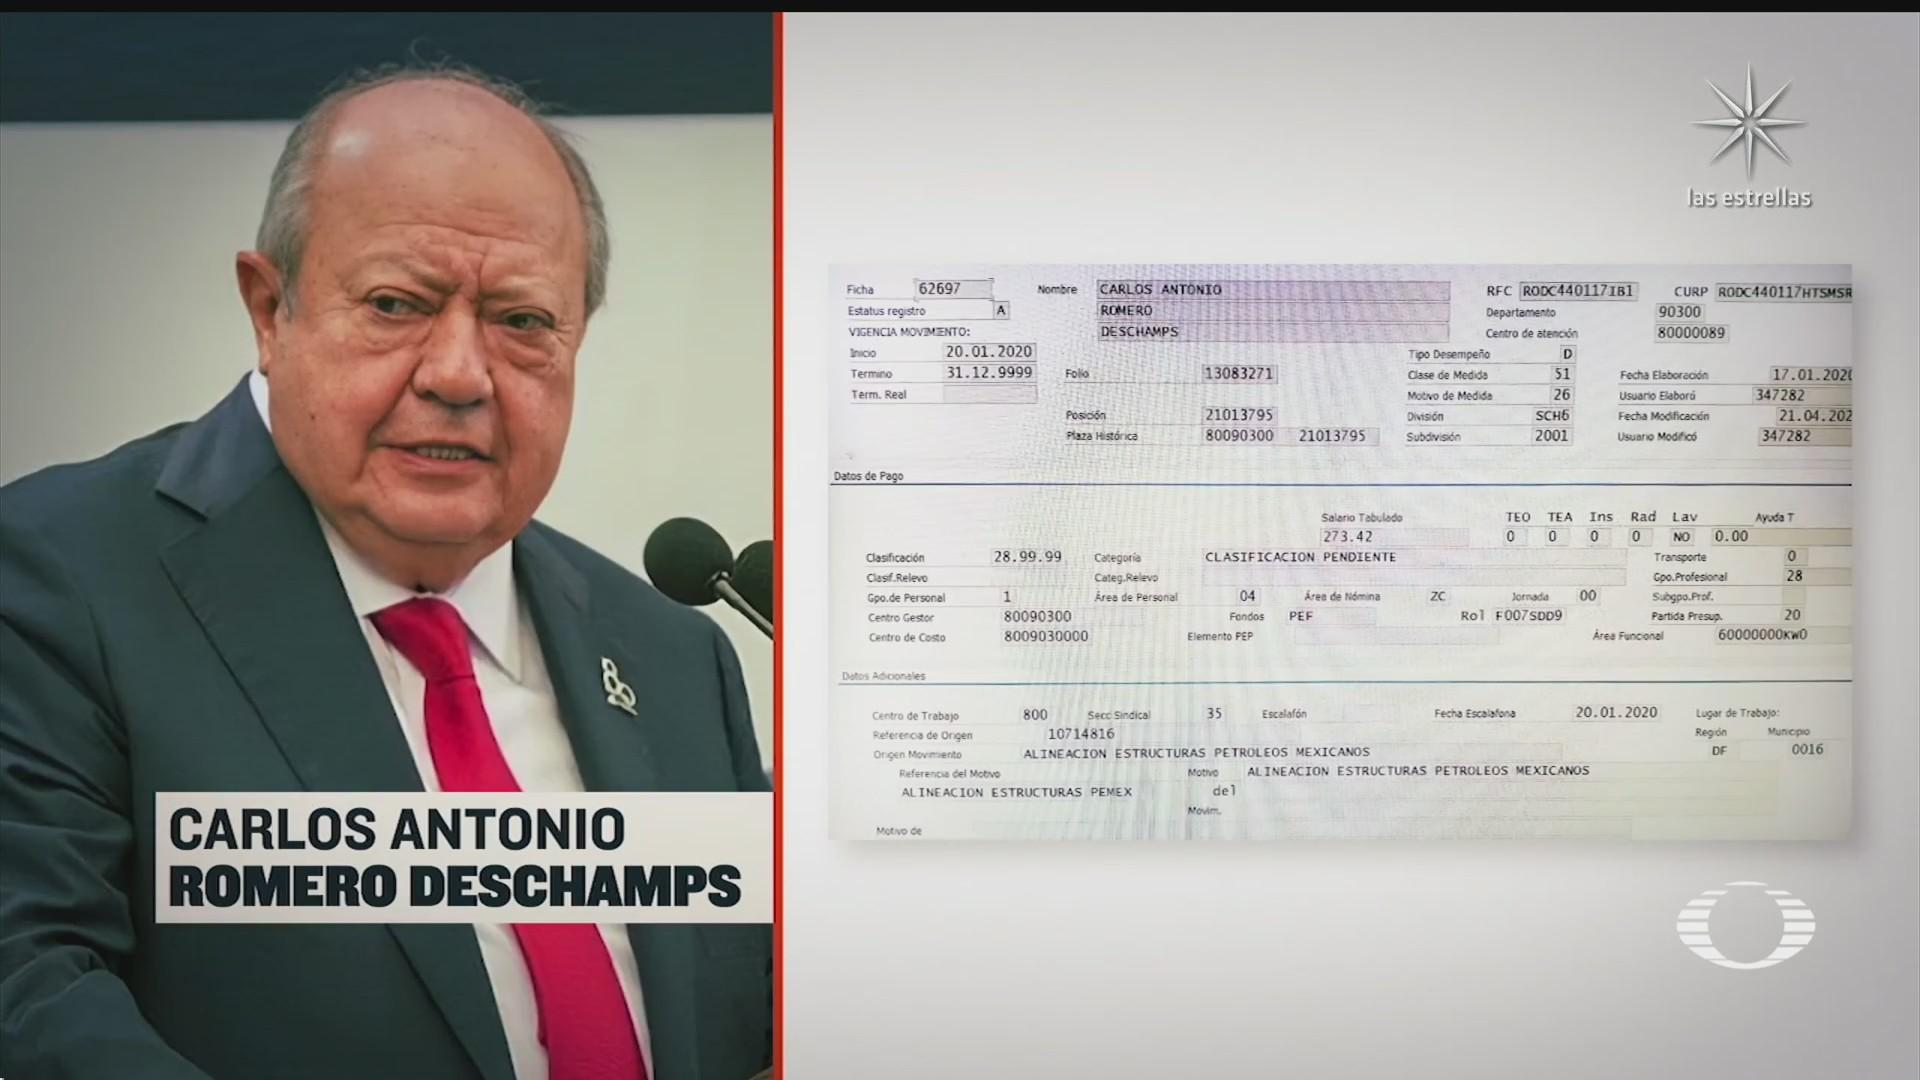 amlo anuncia renuncia de carlos romero deschamps